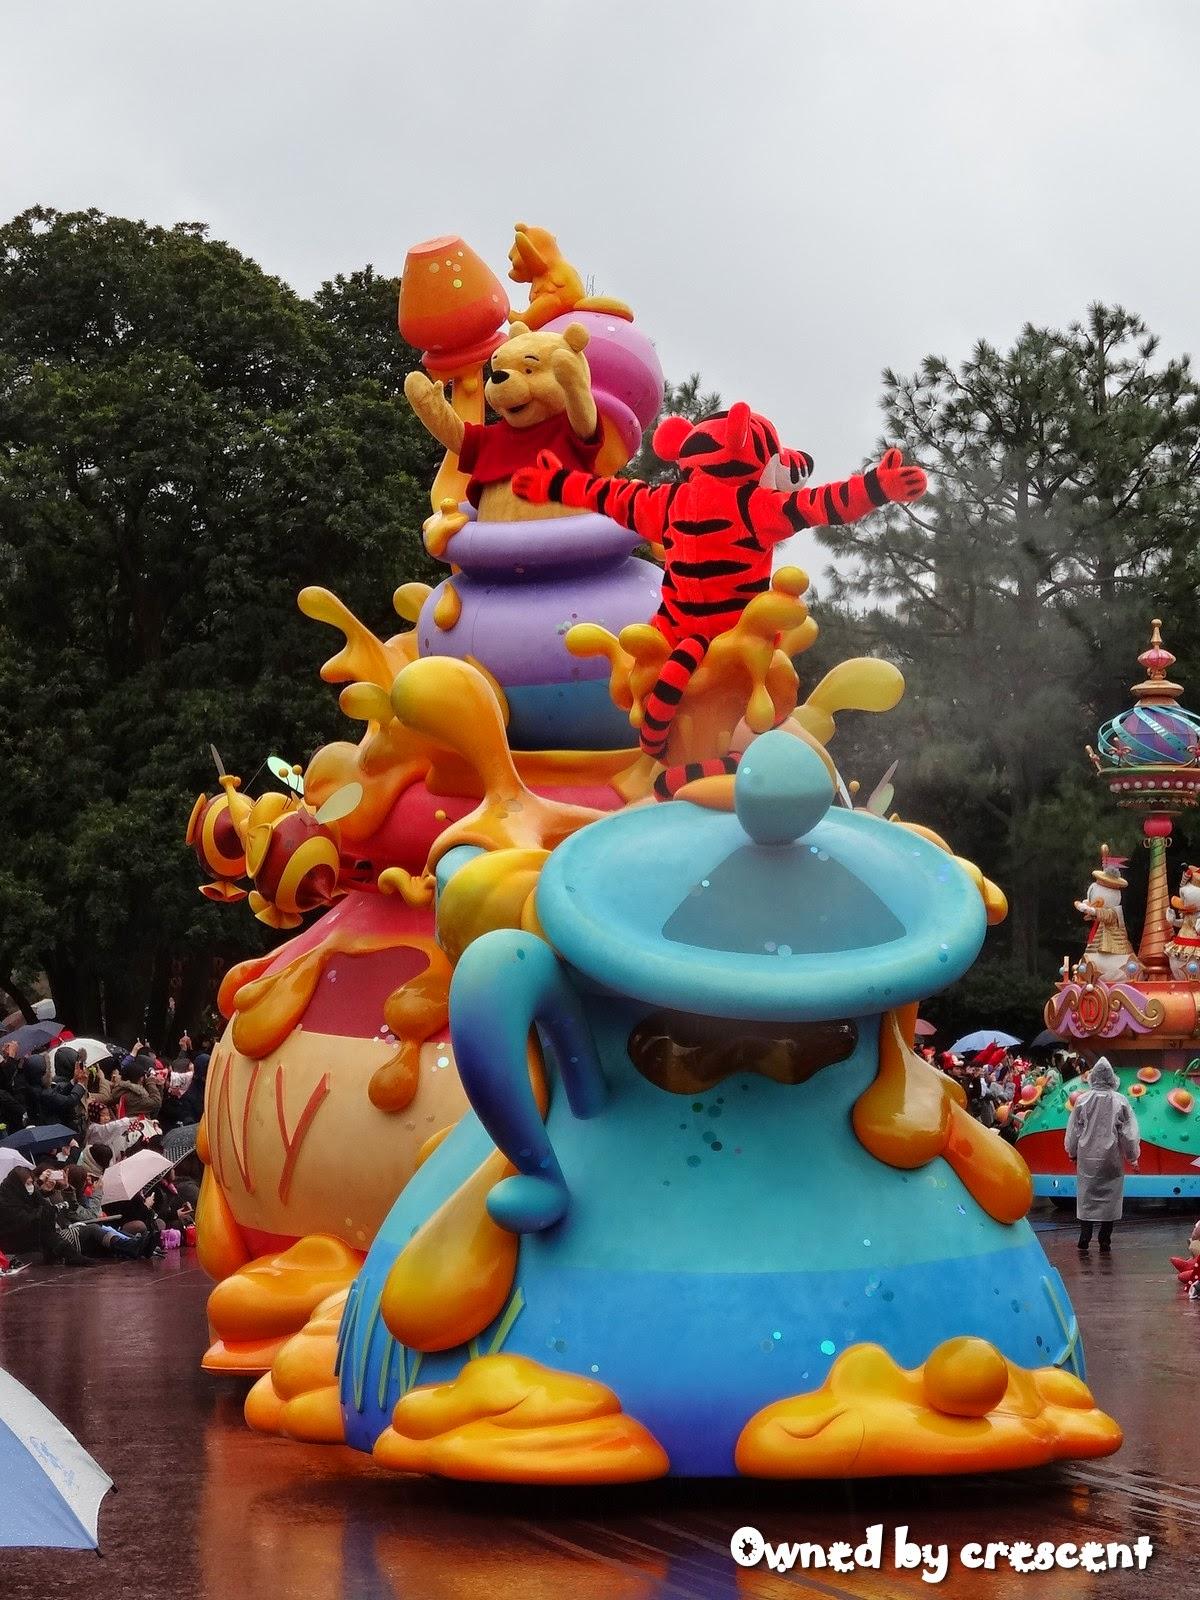 點點滴滴: [景點] 東京迪士尼樂園 Tokyo Disneyland